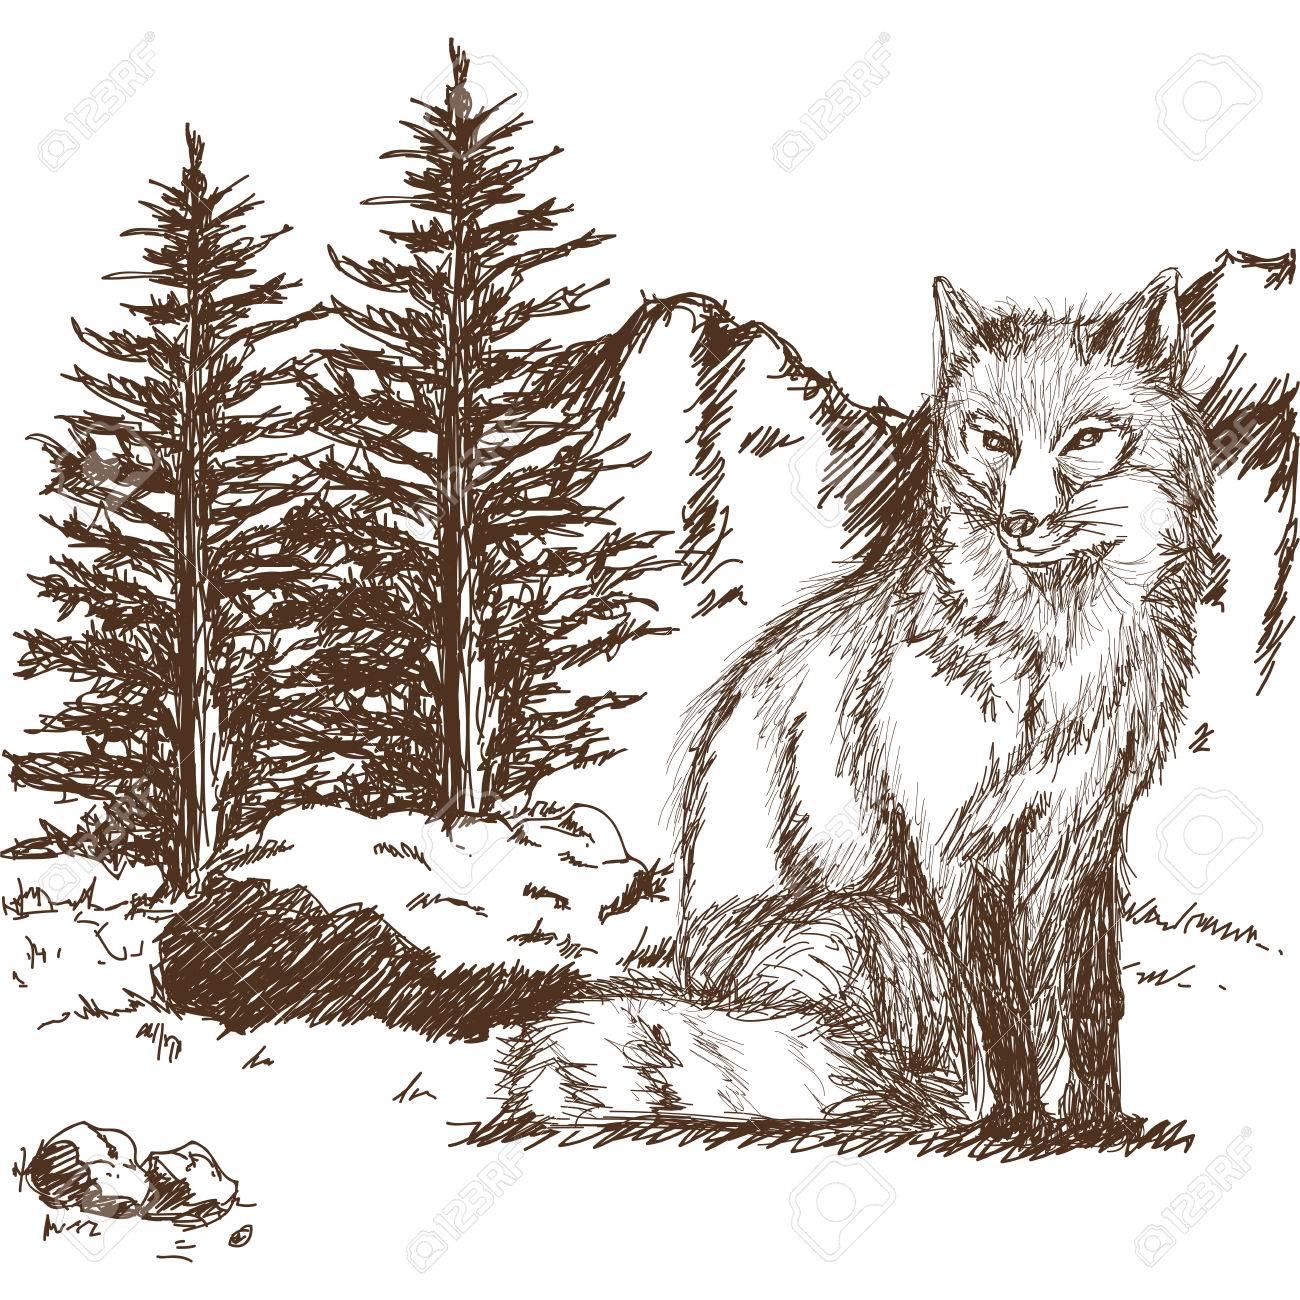 La Imagen Del Animal De La Fauna Del Lobo Es Dibujada A Mano Dibujo